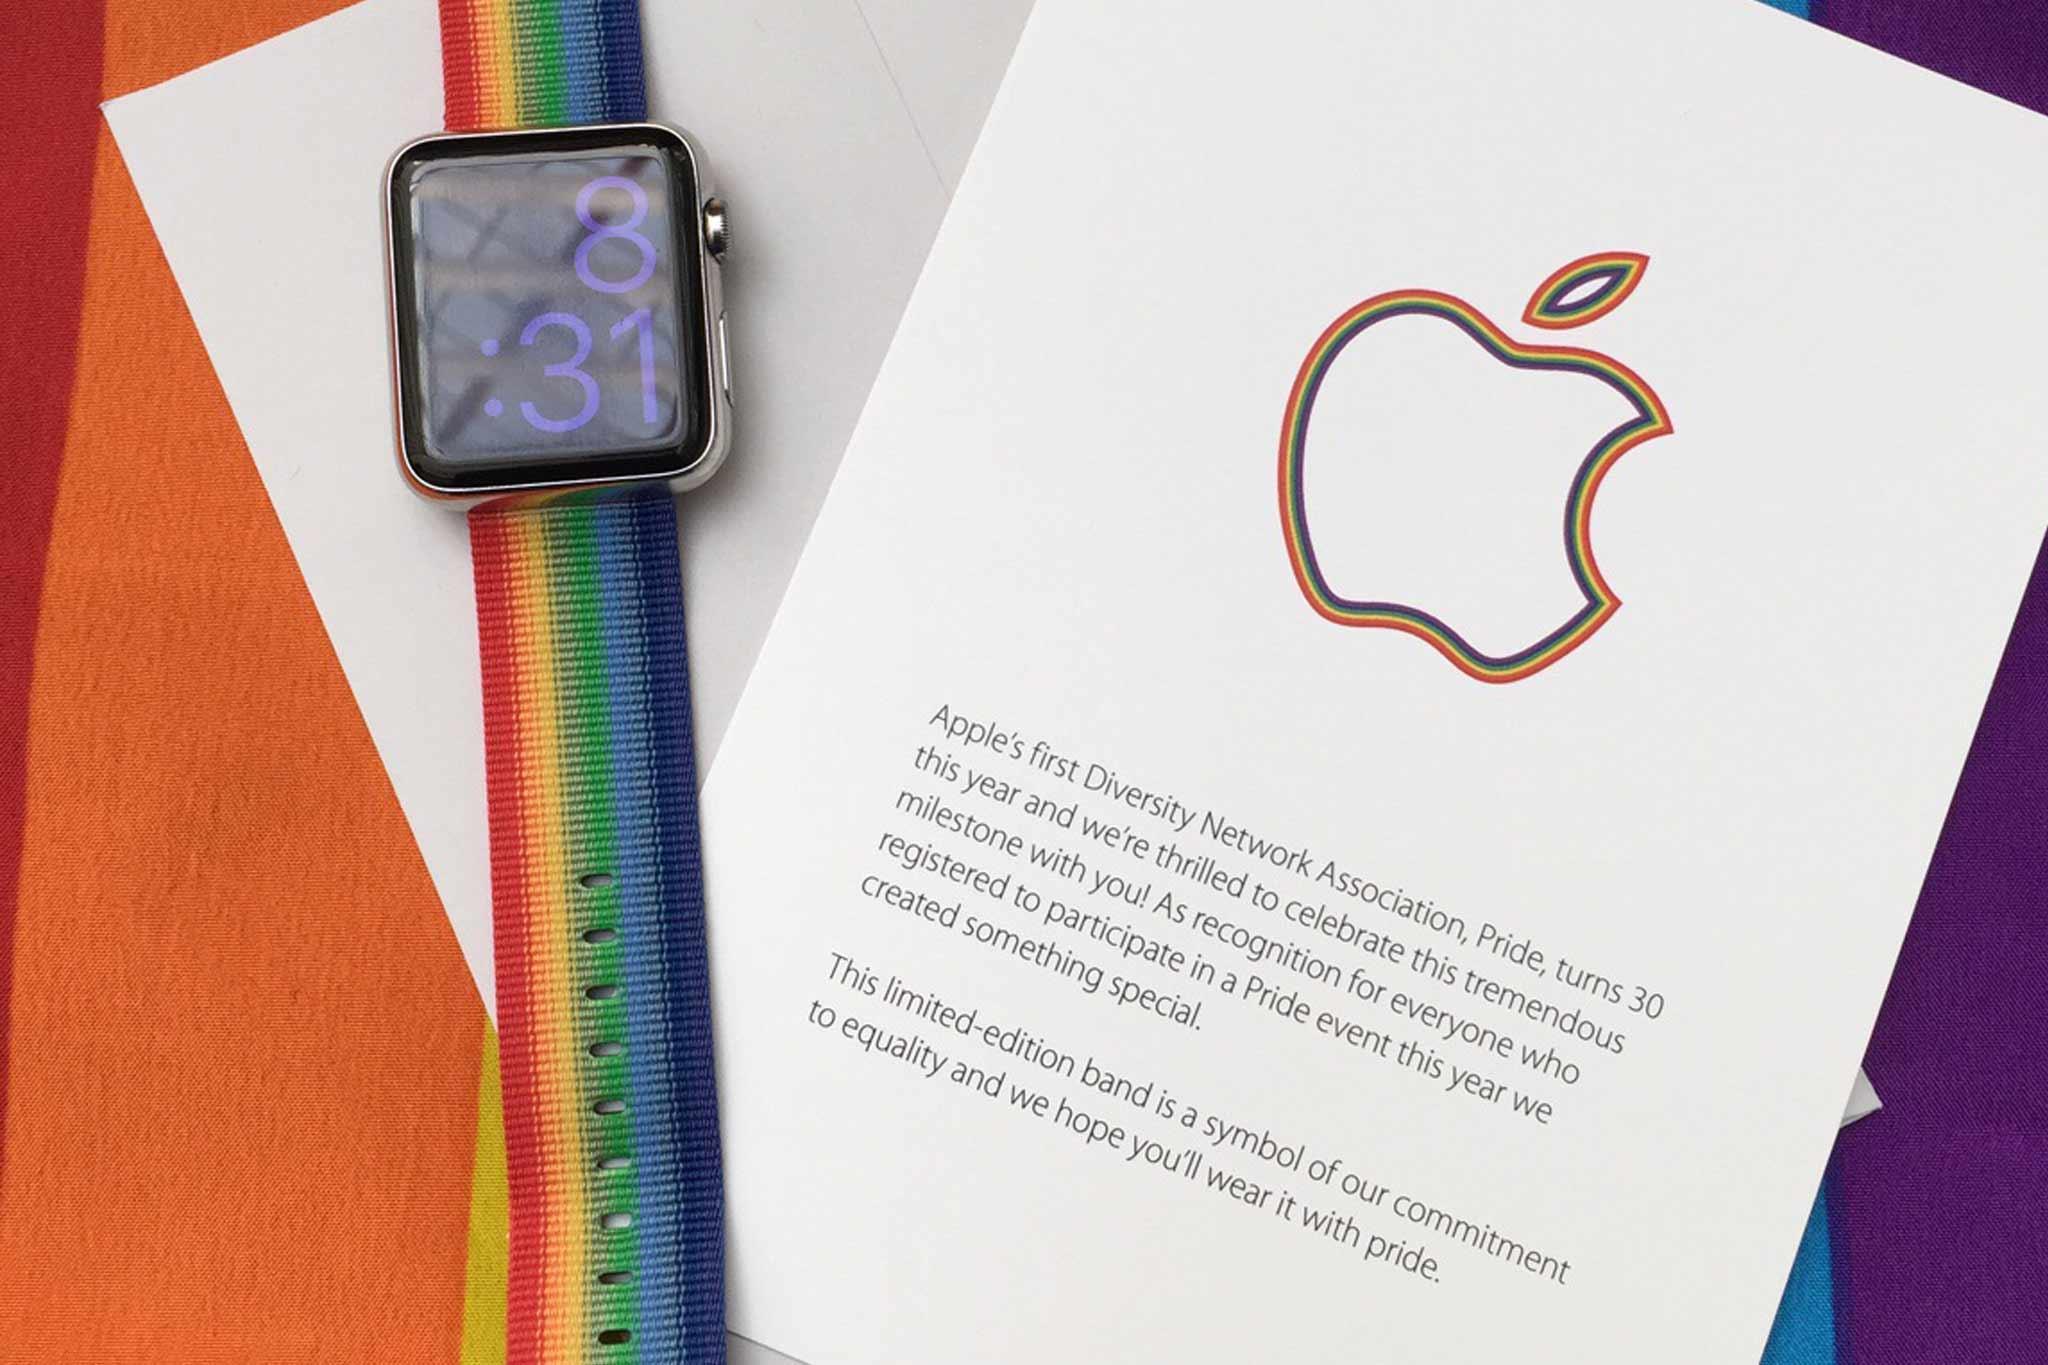 Apple、LGBTイベントでレインボーカラーのAppleWatchバンドをプレゼント